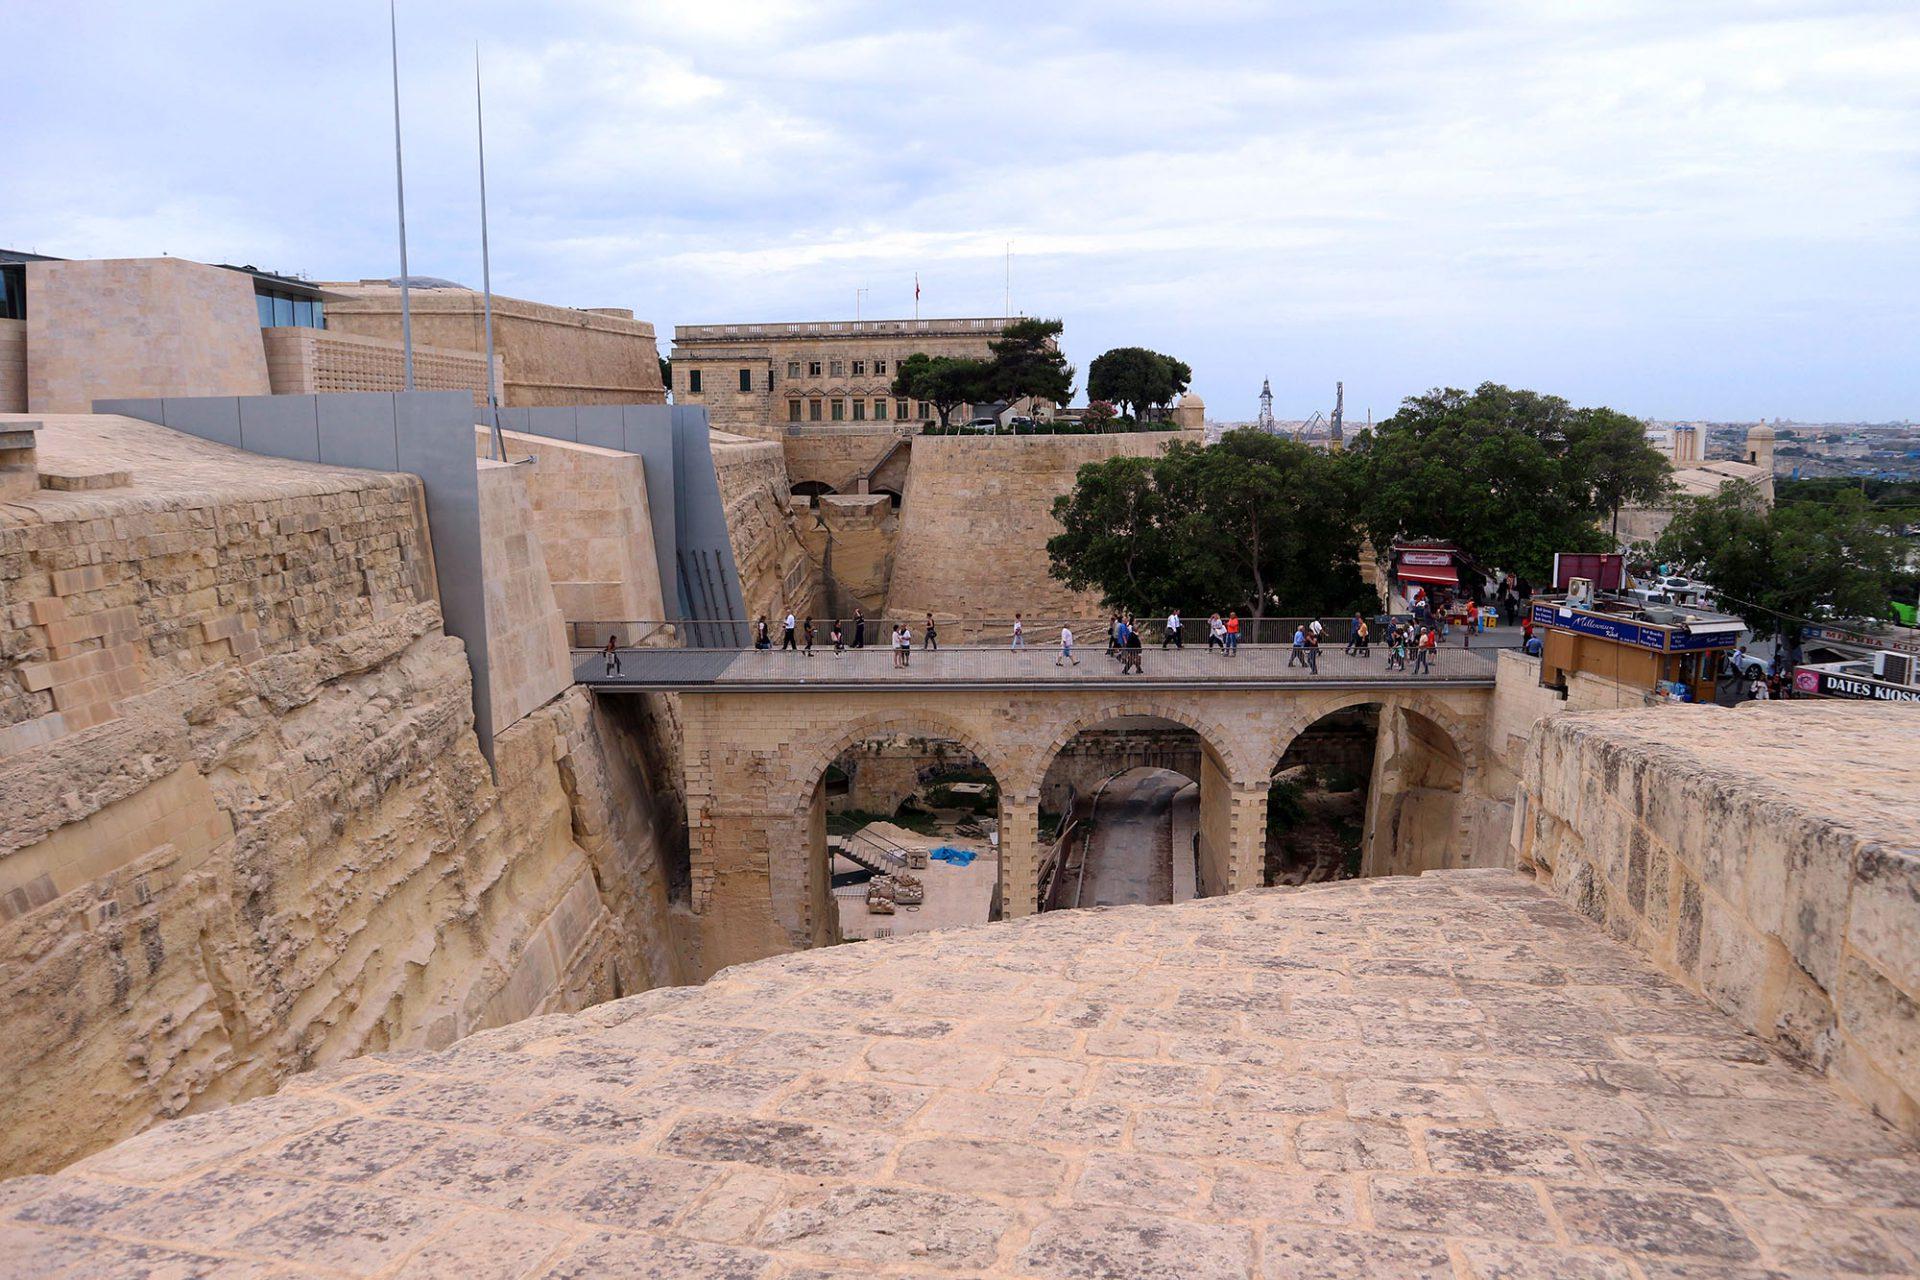 Klar. Vier scharfkantige Stahlplatten schneiden durch die historische Festungsanlage und setzen einen klaren Schnitt zwischen neuem und altem Mauerwerk.